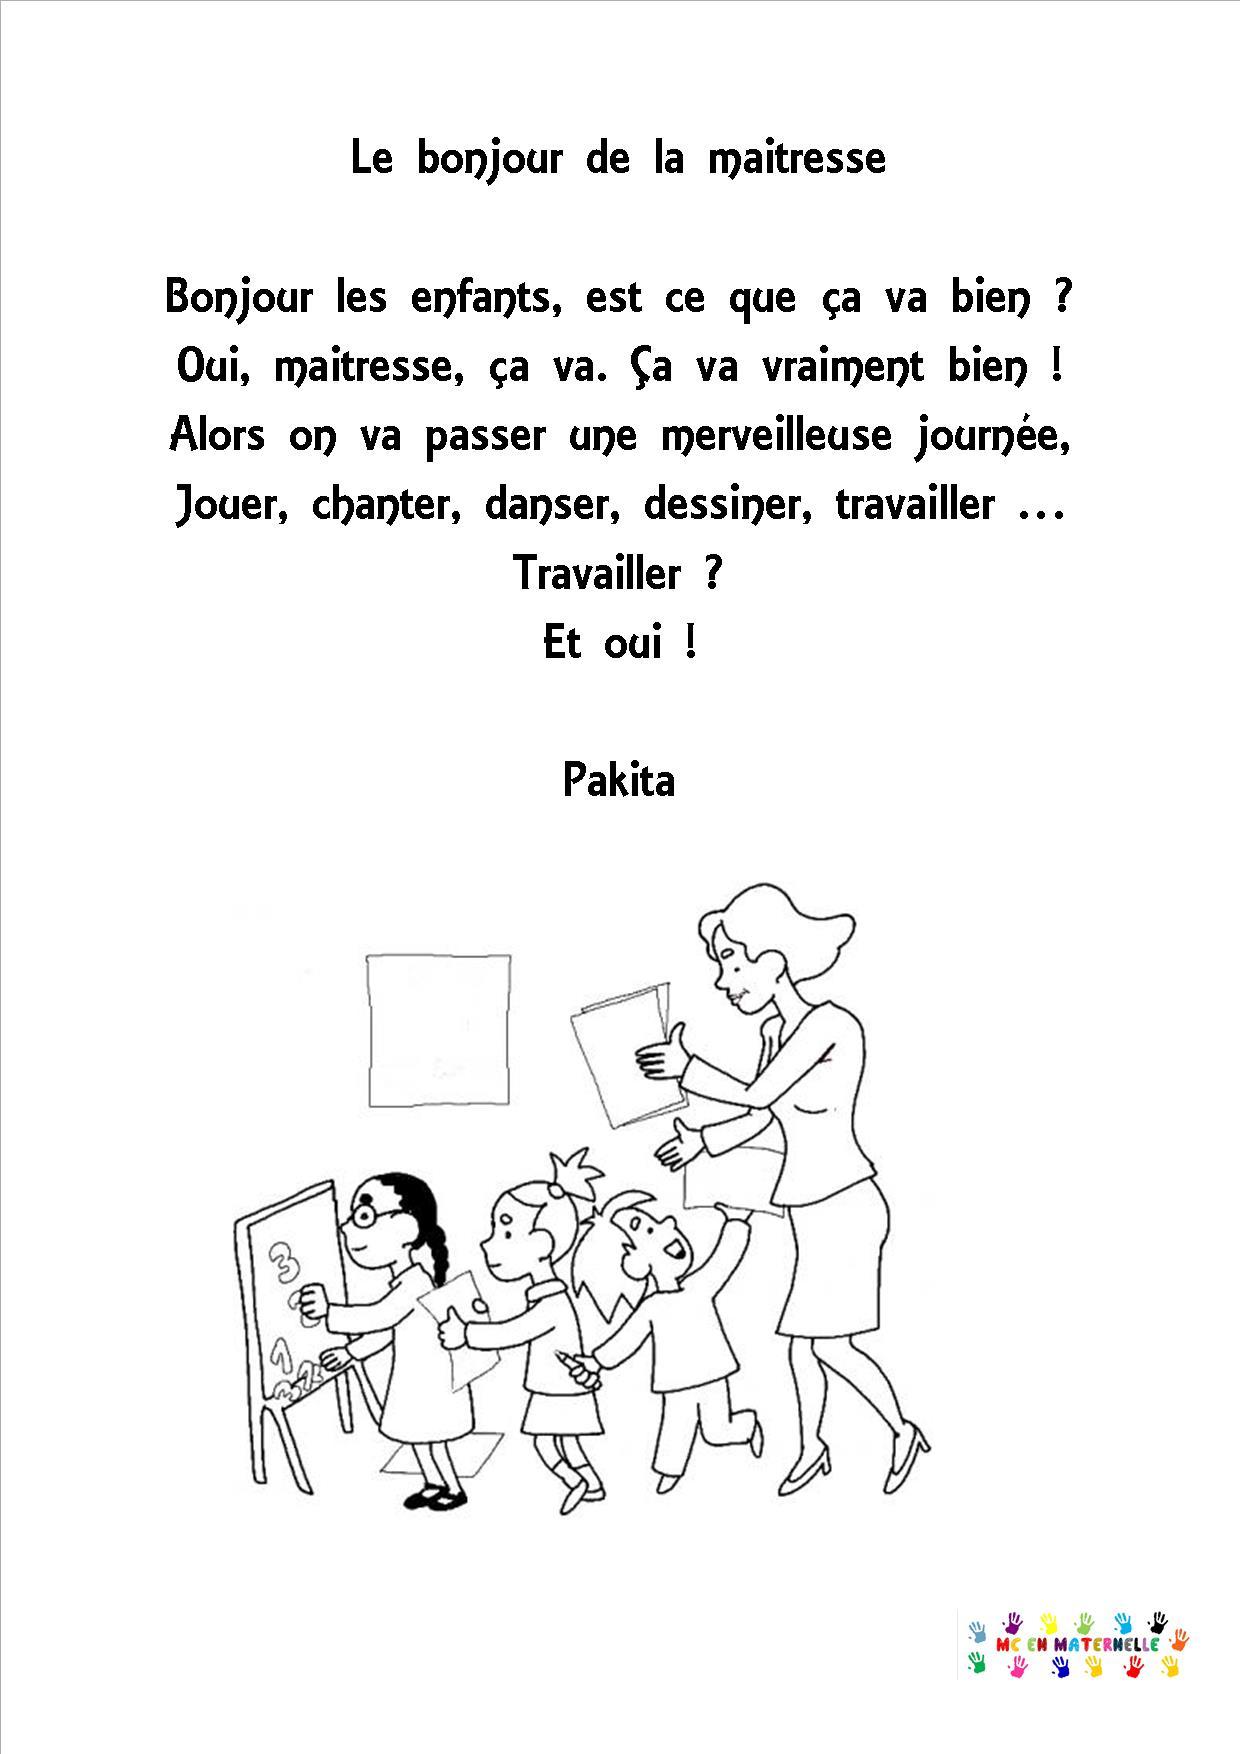 Le Bonjour De La Maîtresse - Mc En Maternelle dedans Poeme Pour Maitresse D Ecole